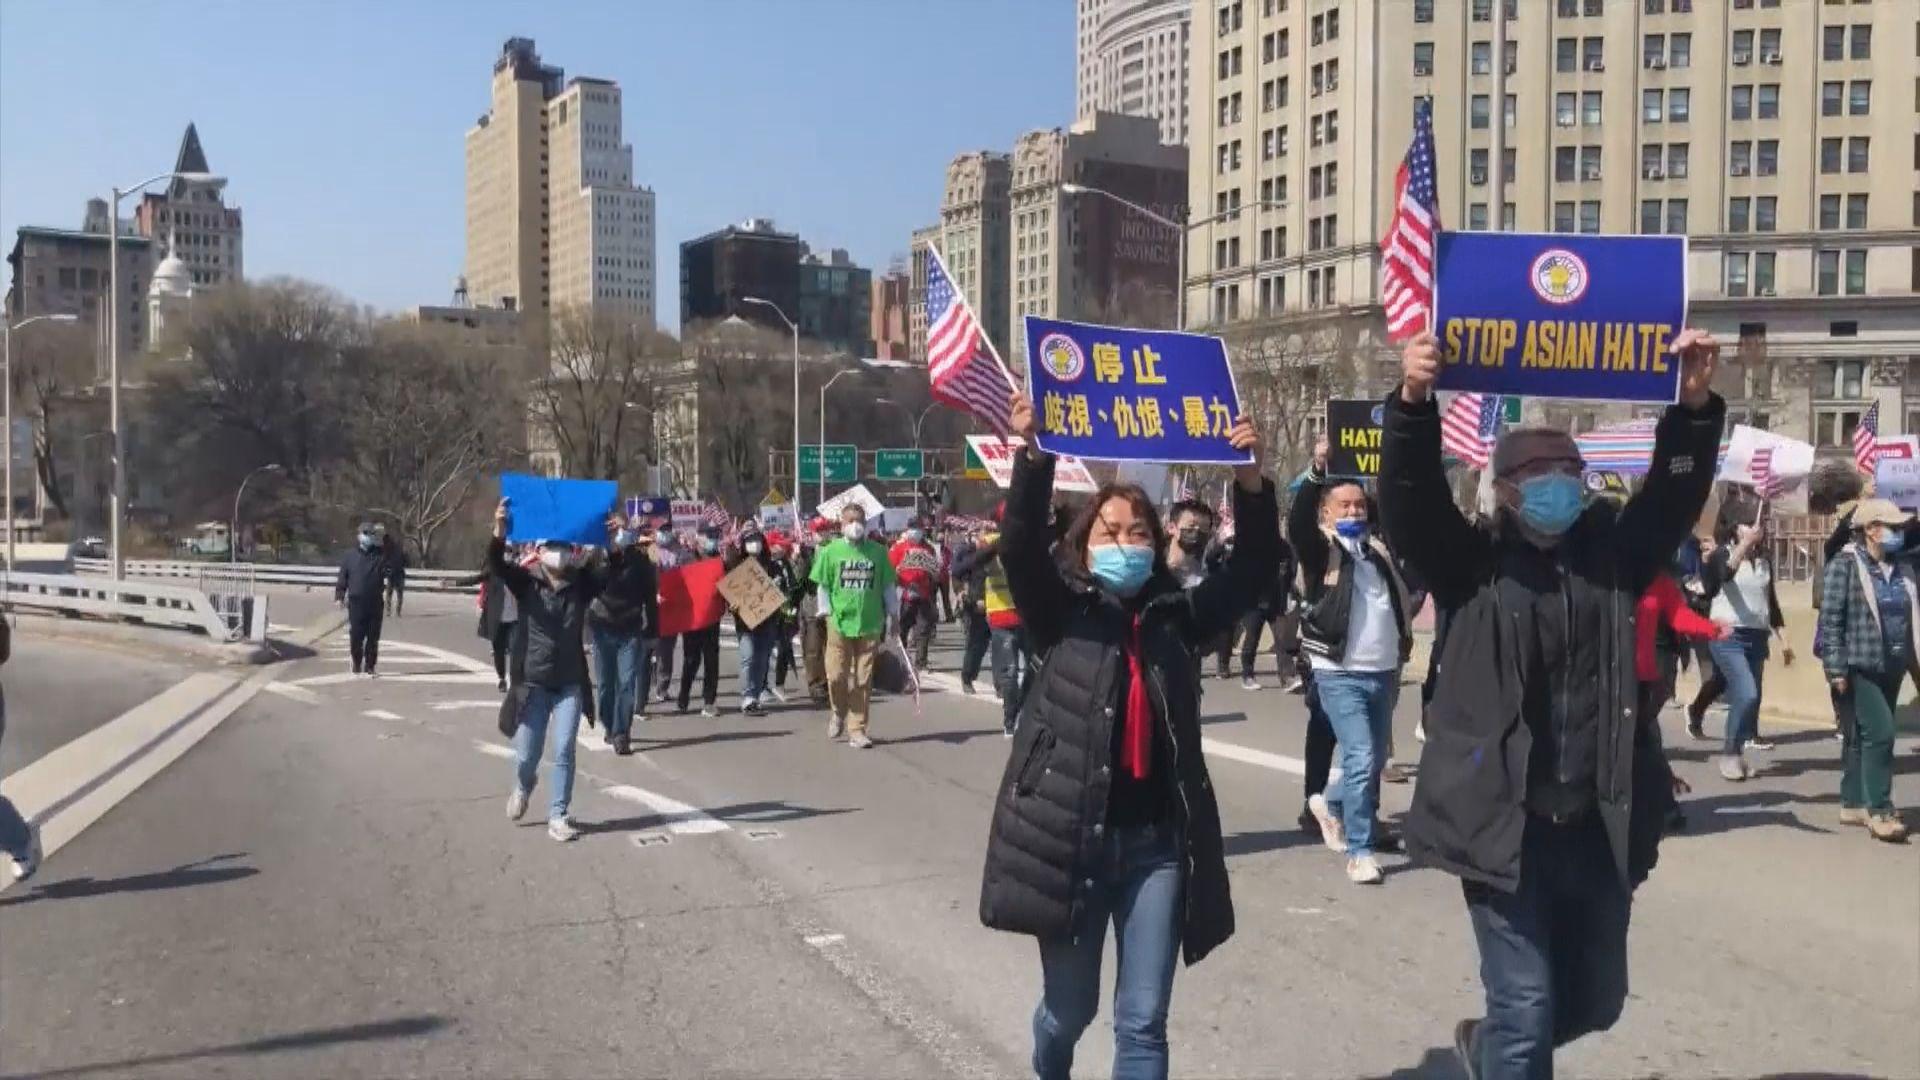 紐約萬人集會遊行反對仇恨亞裔